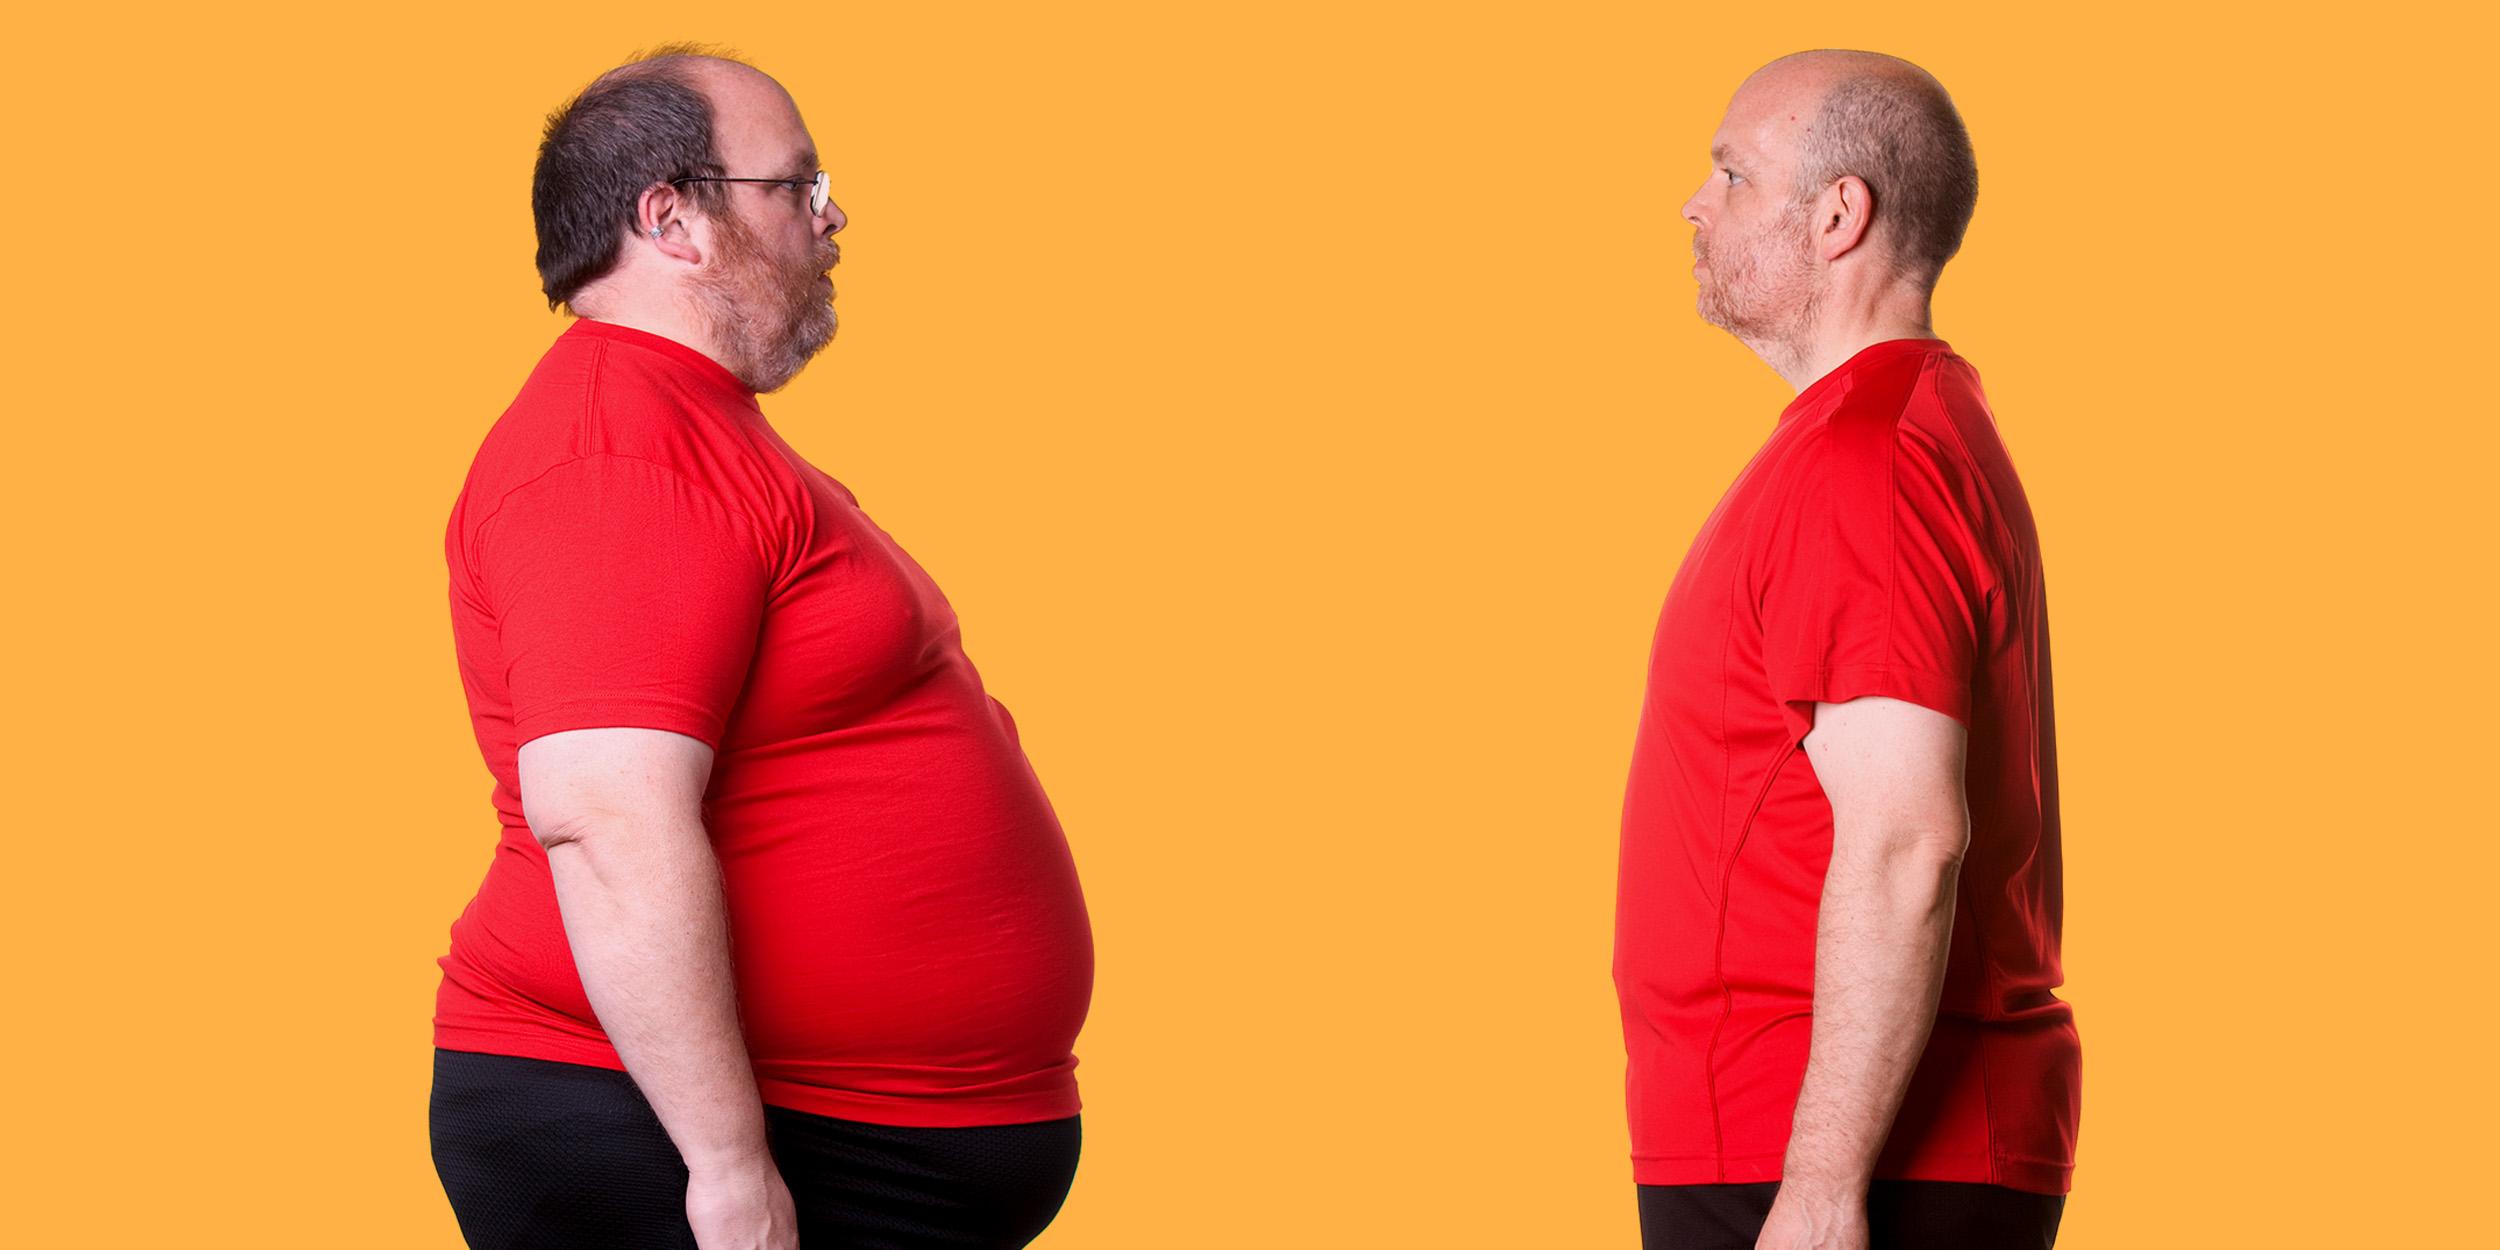 Хочу Похудеть Я Парень. Быстрое похудение для мужчин в домашних условиях